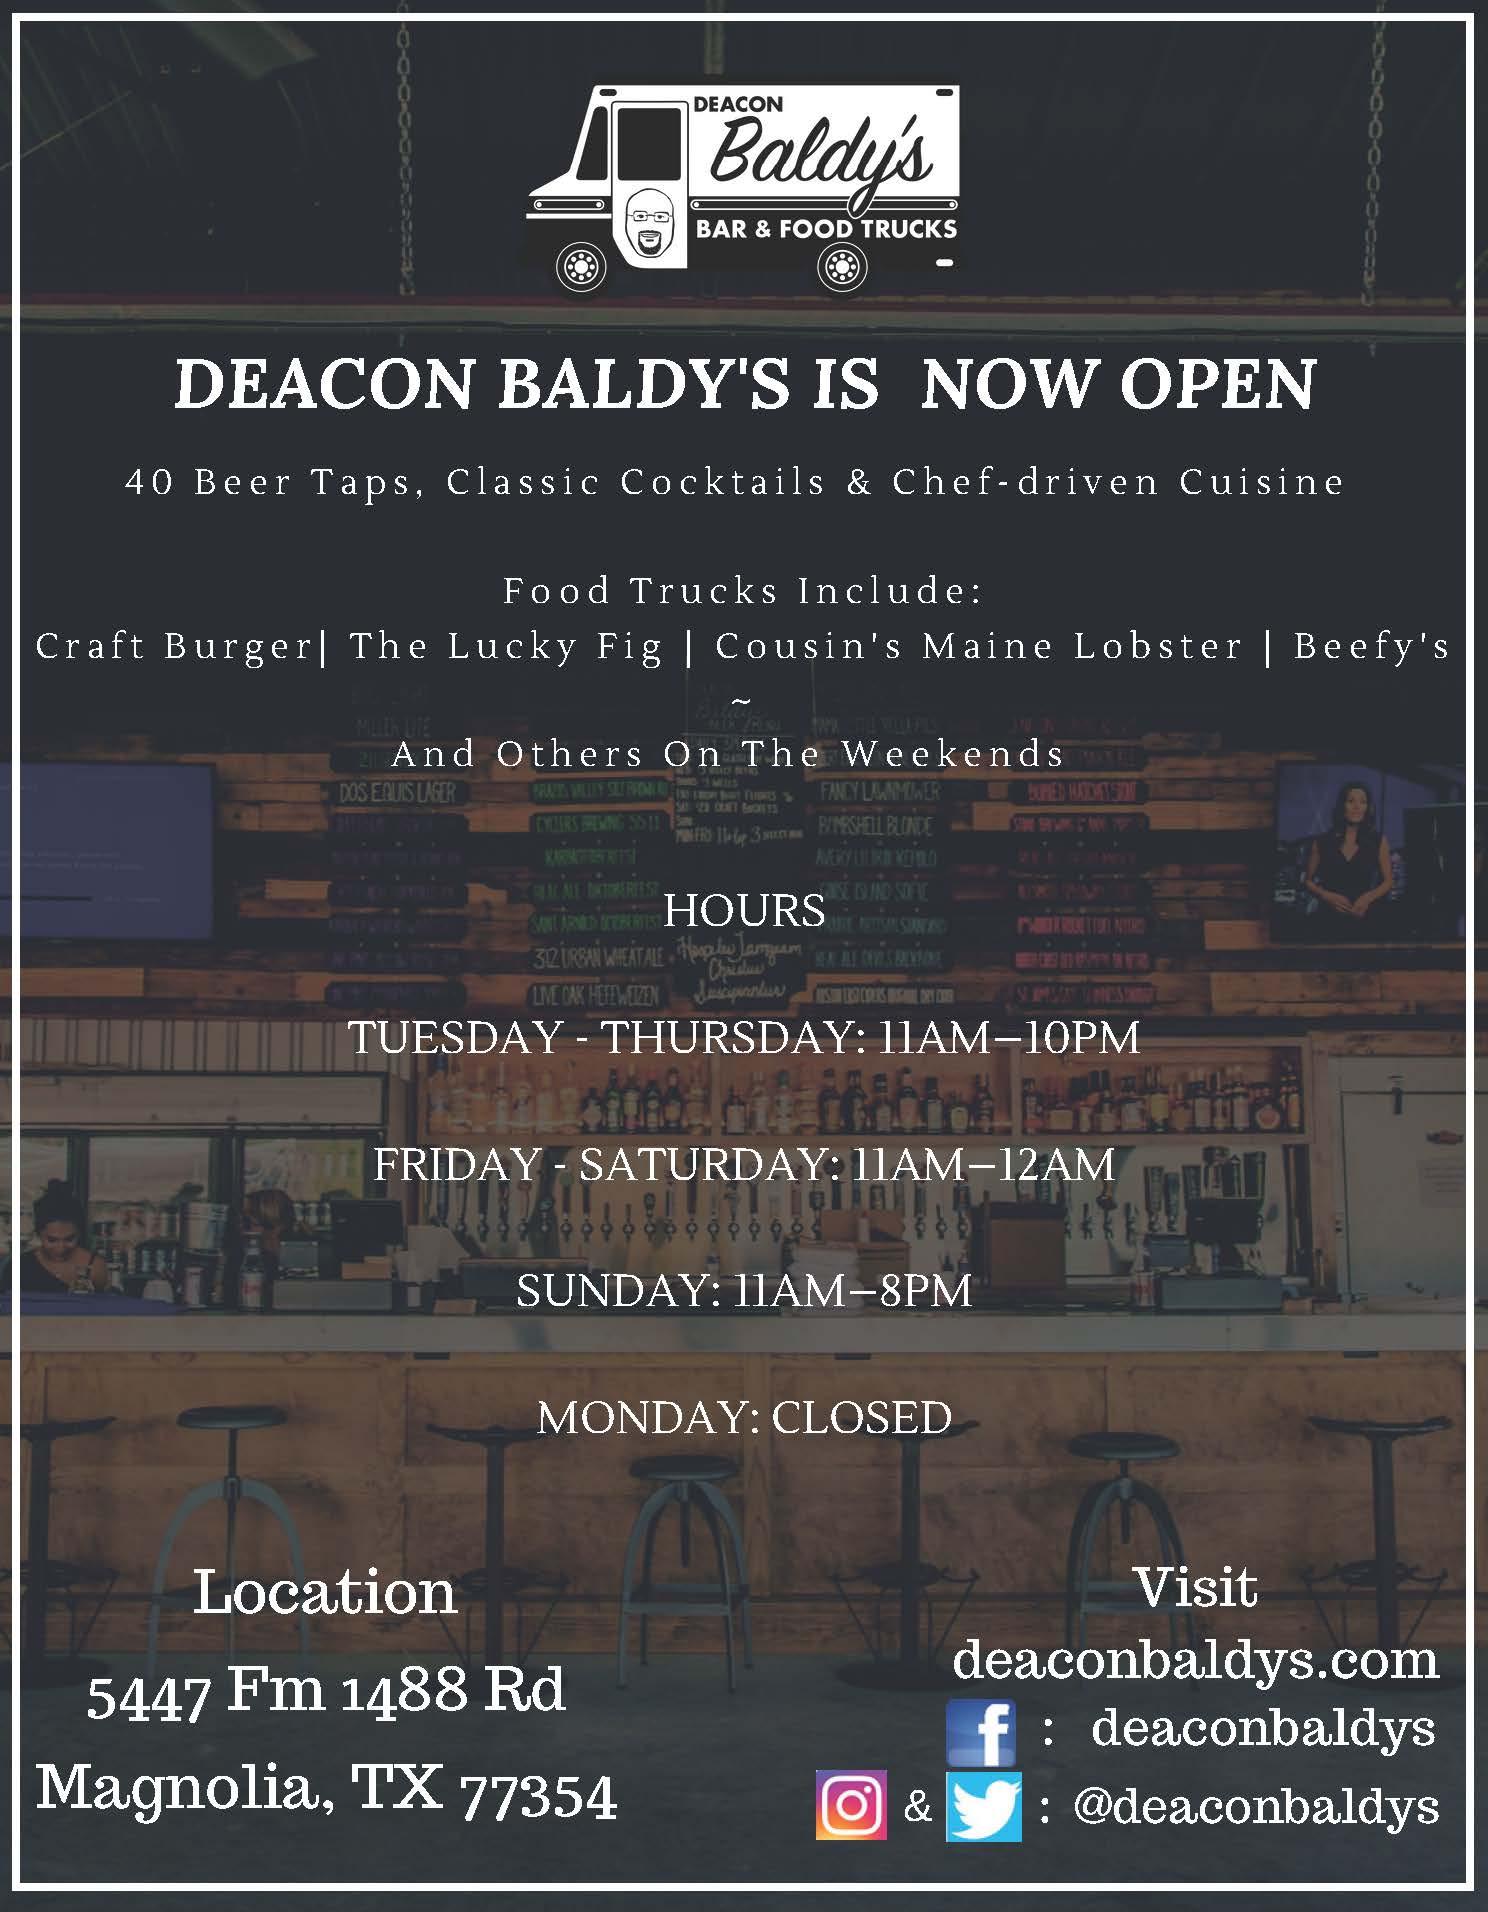 deacon-baldys-now-open3